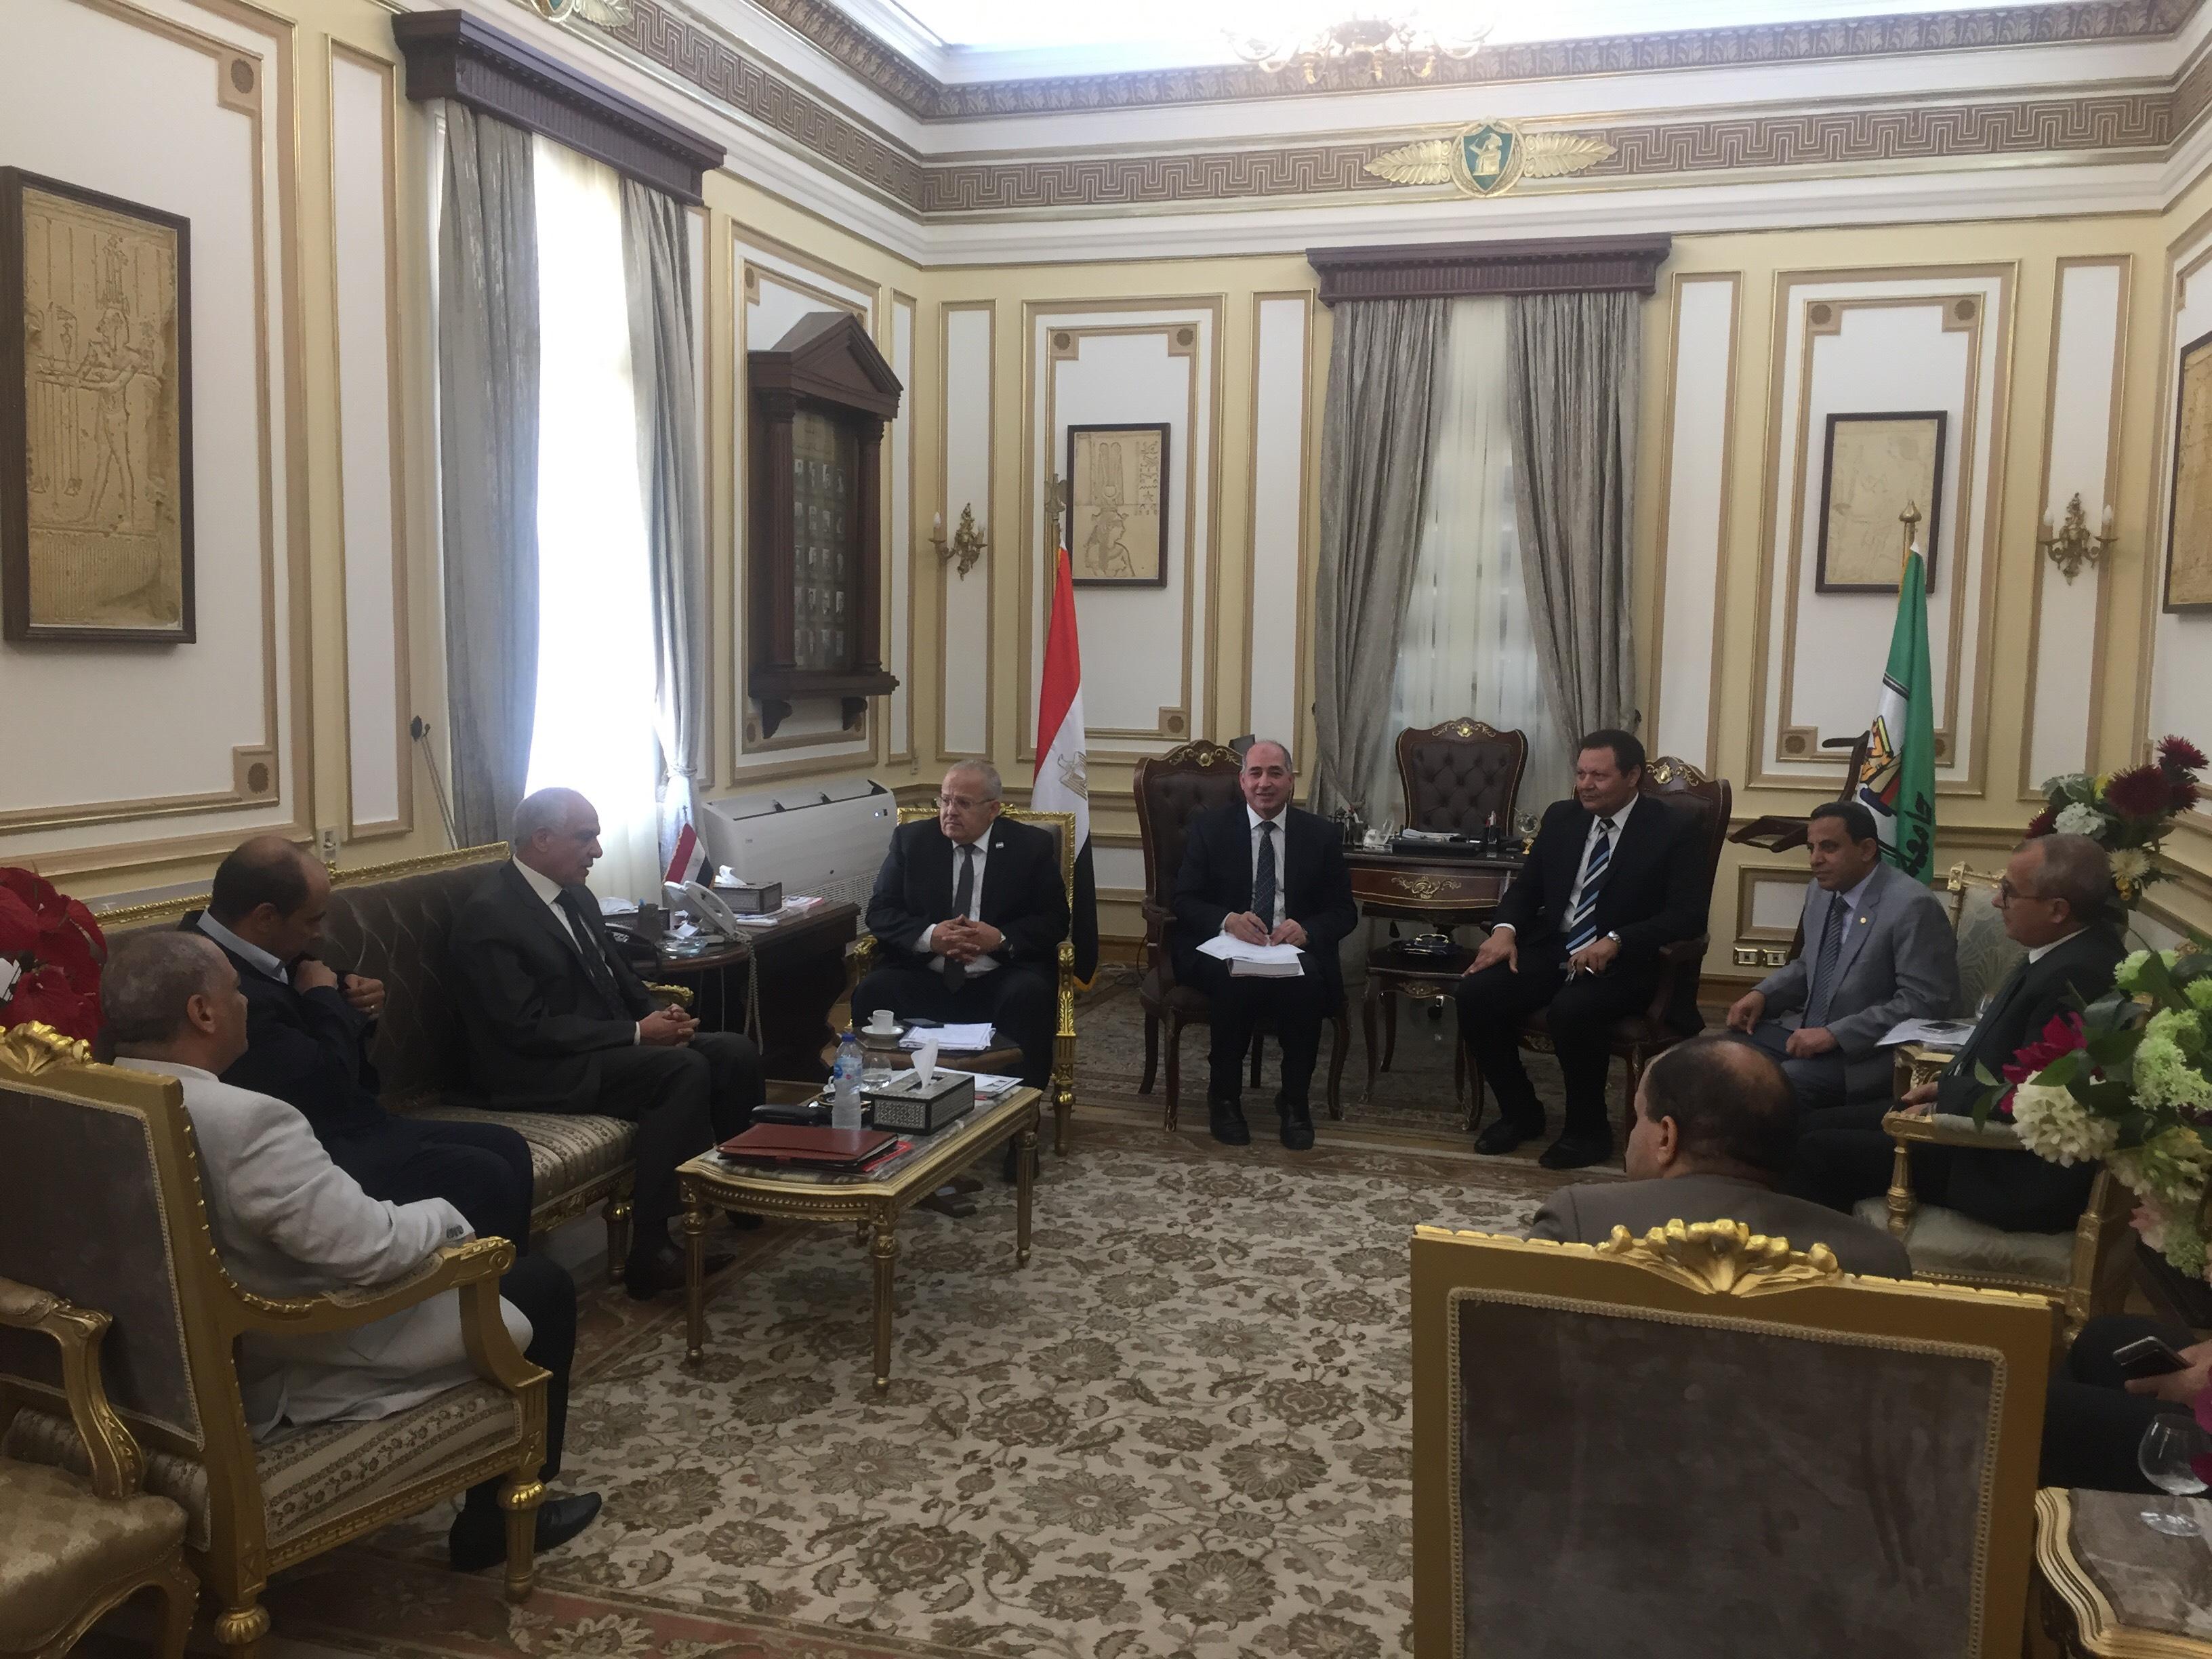 . رئيس جامعة القاهرة يستقبل محافظ الجيزة بمكتبه لبحث استعدادات العام الدراسى الجديد (5)